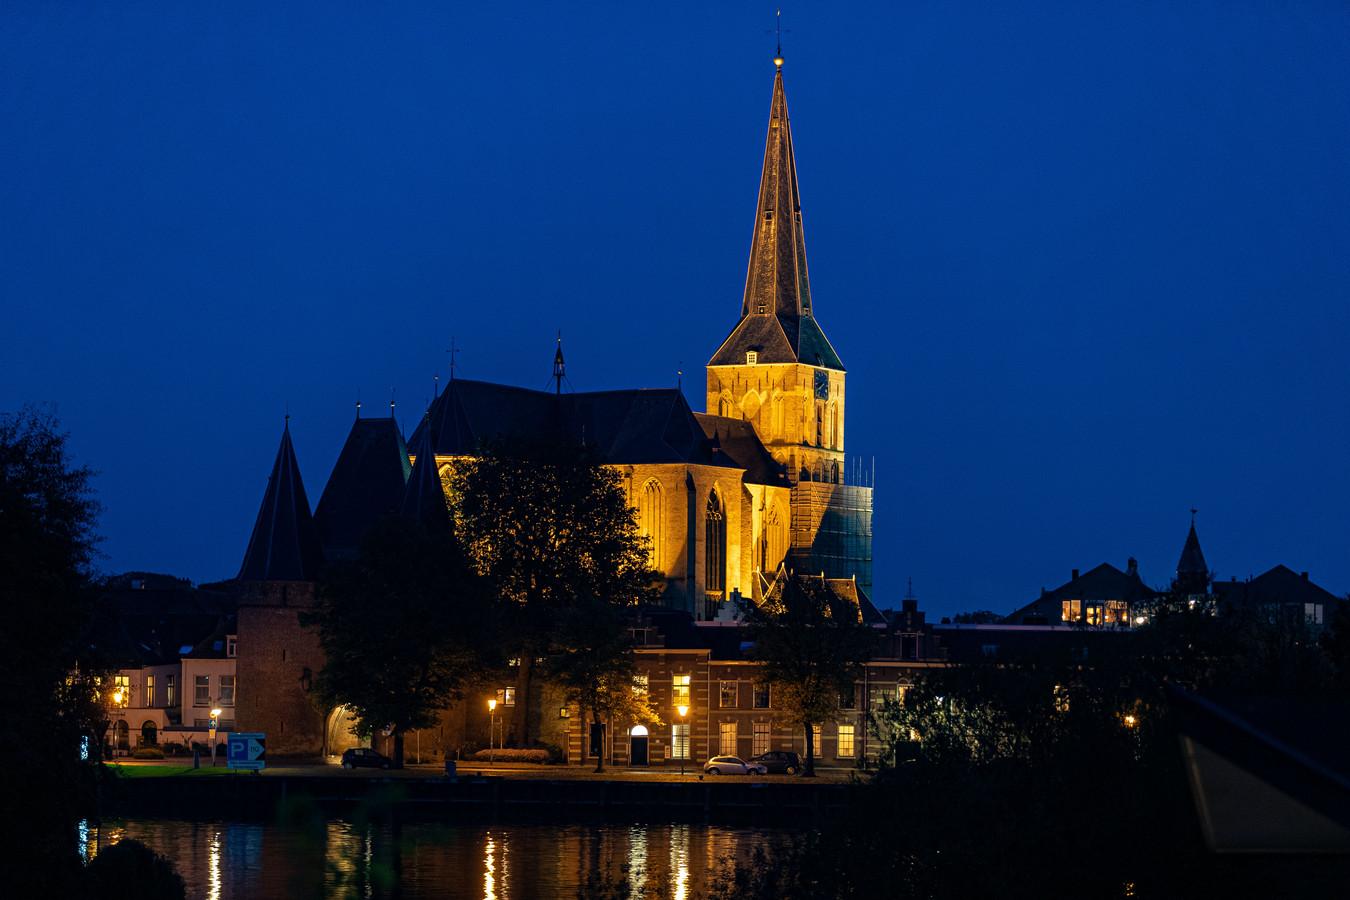 De monumentale Bovenkerk, icoon van Kampen, bepalend voor de skyline van de stad aan de IJssel.